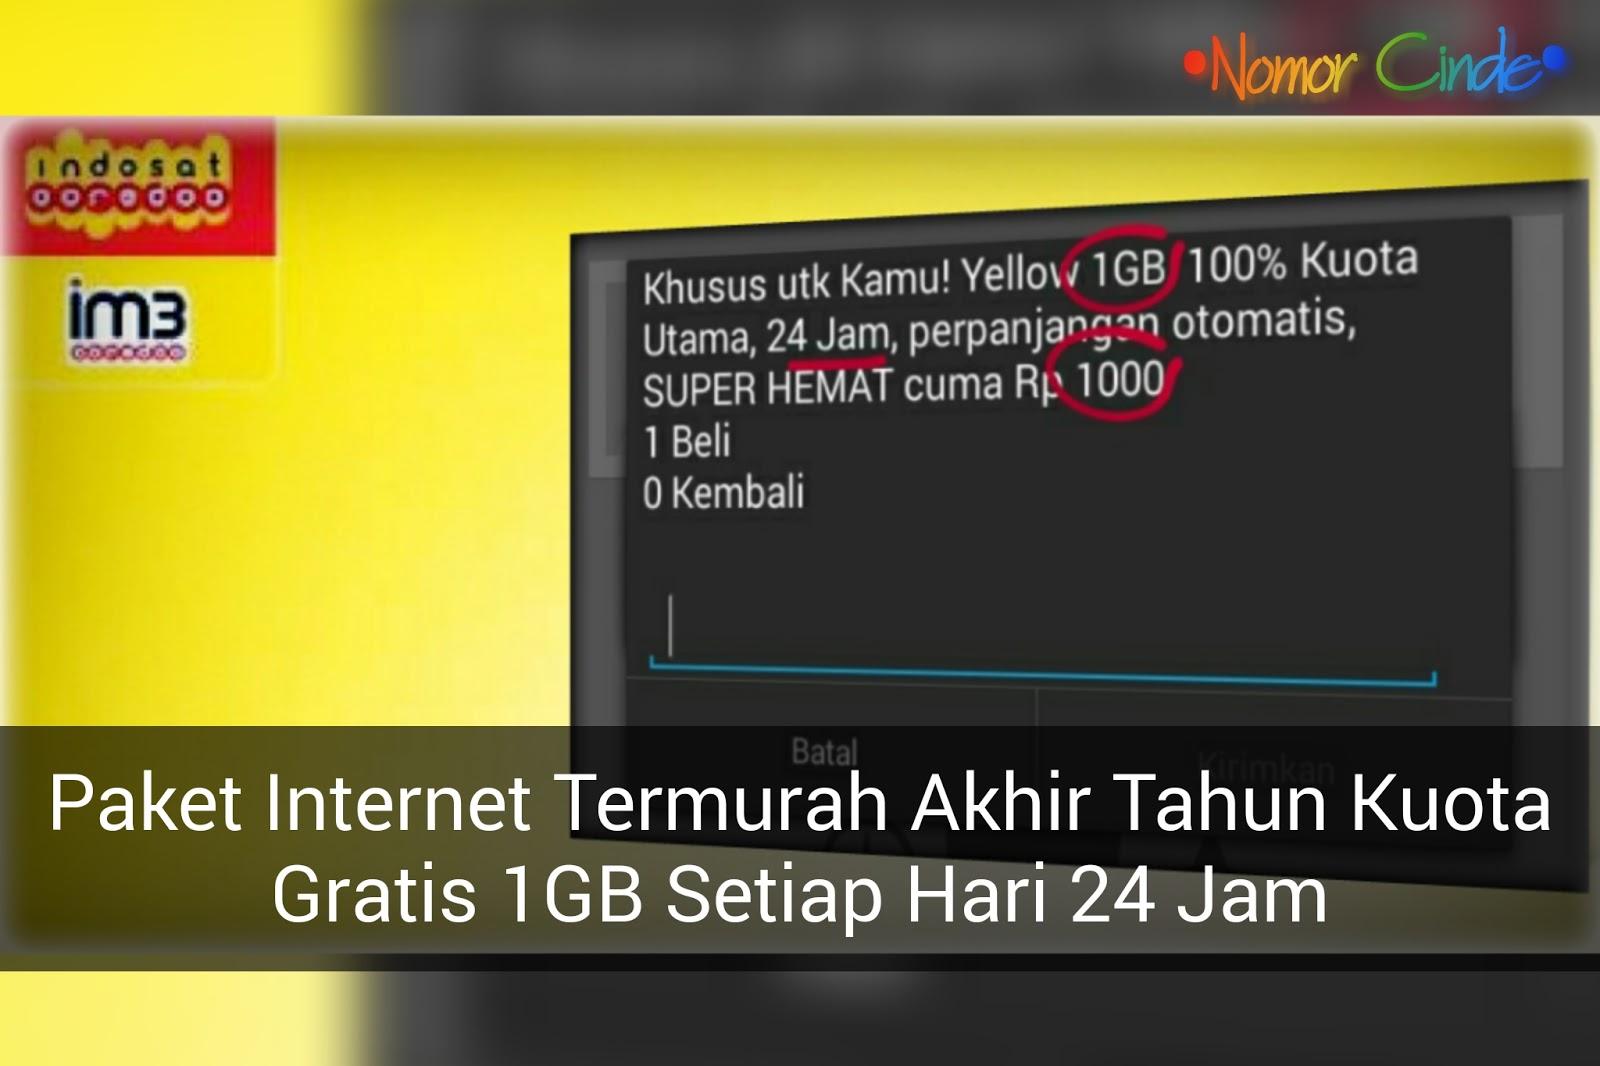 Bangkit Lagi Ini Cara Terbaru Mengaktifkan Paket Yellow Im3 1gb Cuma 1000 Indosat Ooredoo Nomor Cinde